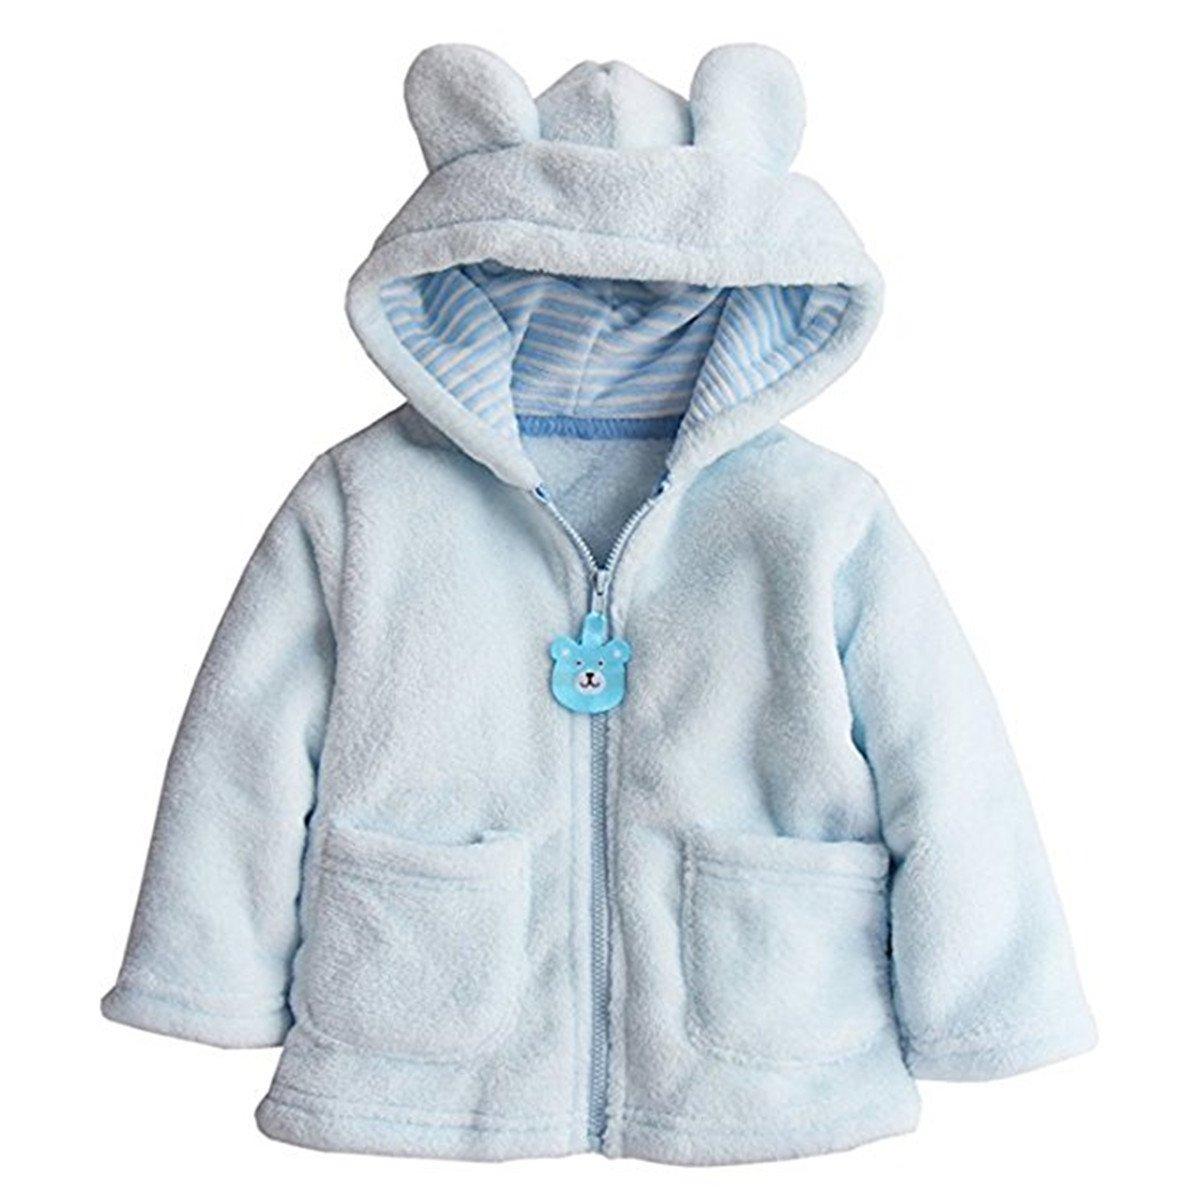 Baby Toddler Kid Little Boys Girls Super Soft Fleece Cartton Bear Hooded Coats Blazers Jackets 6-12 Months